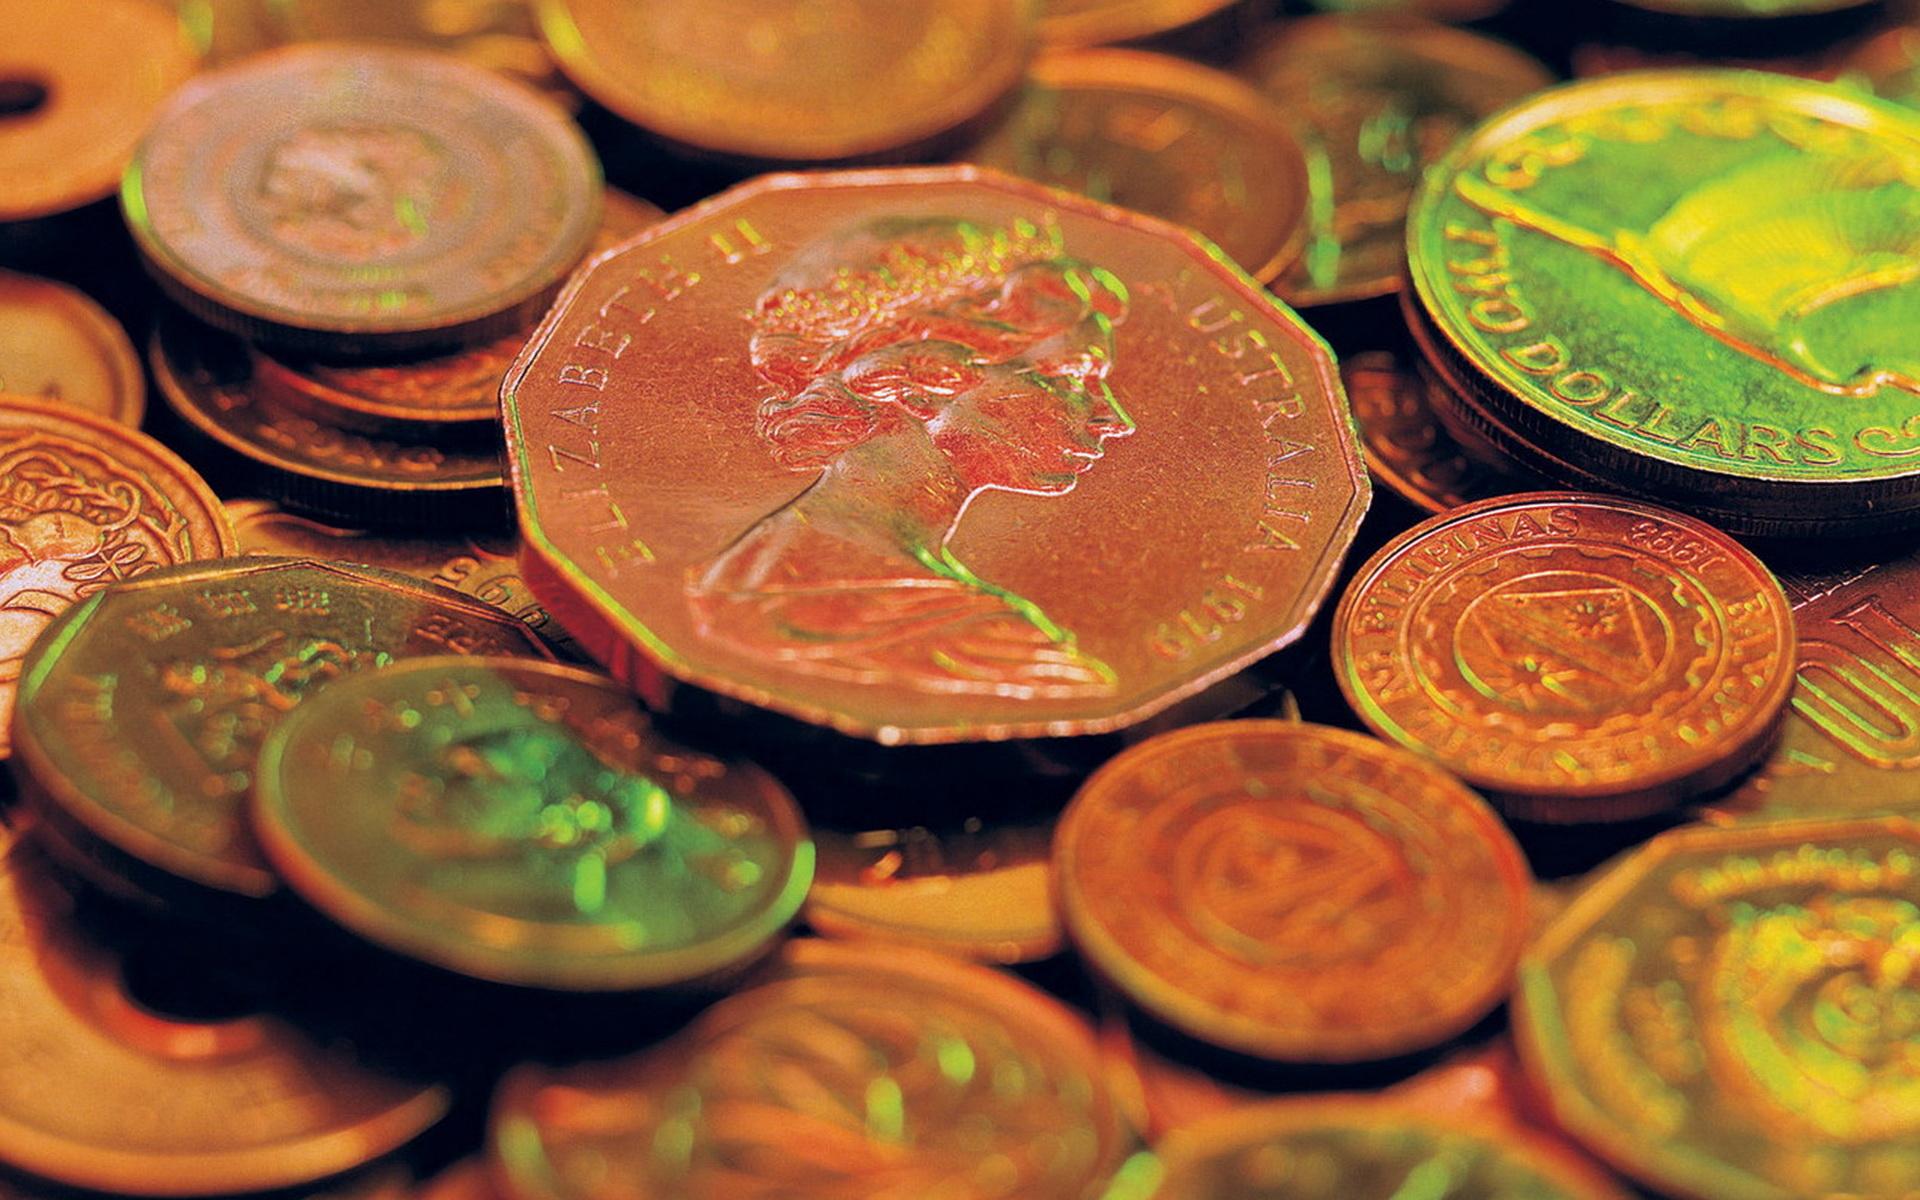 картинки старинных монет московский открытый социальный